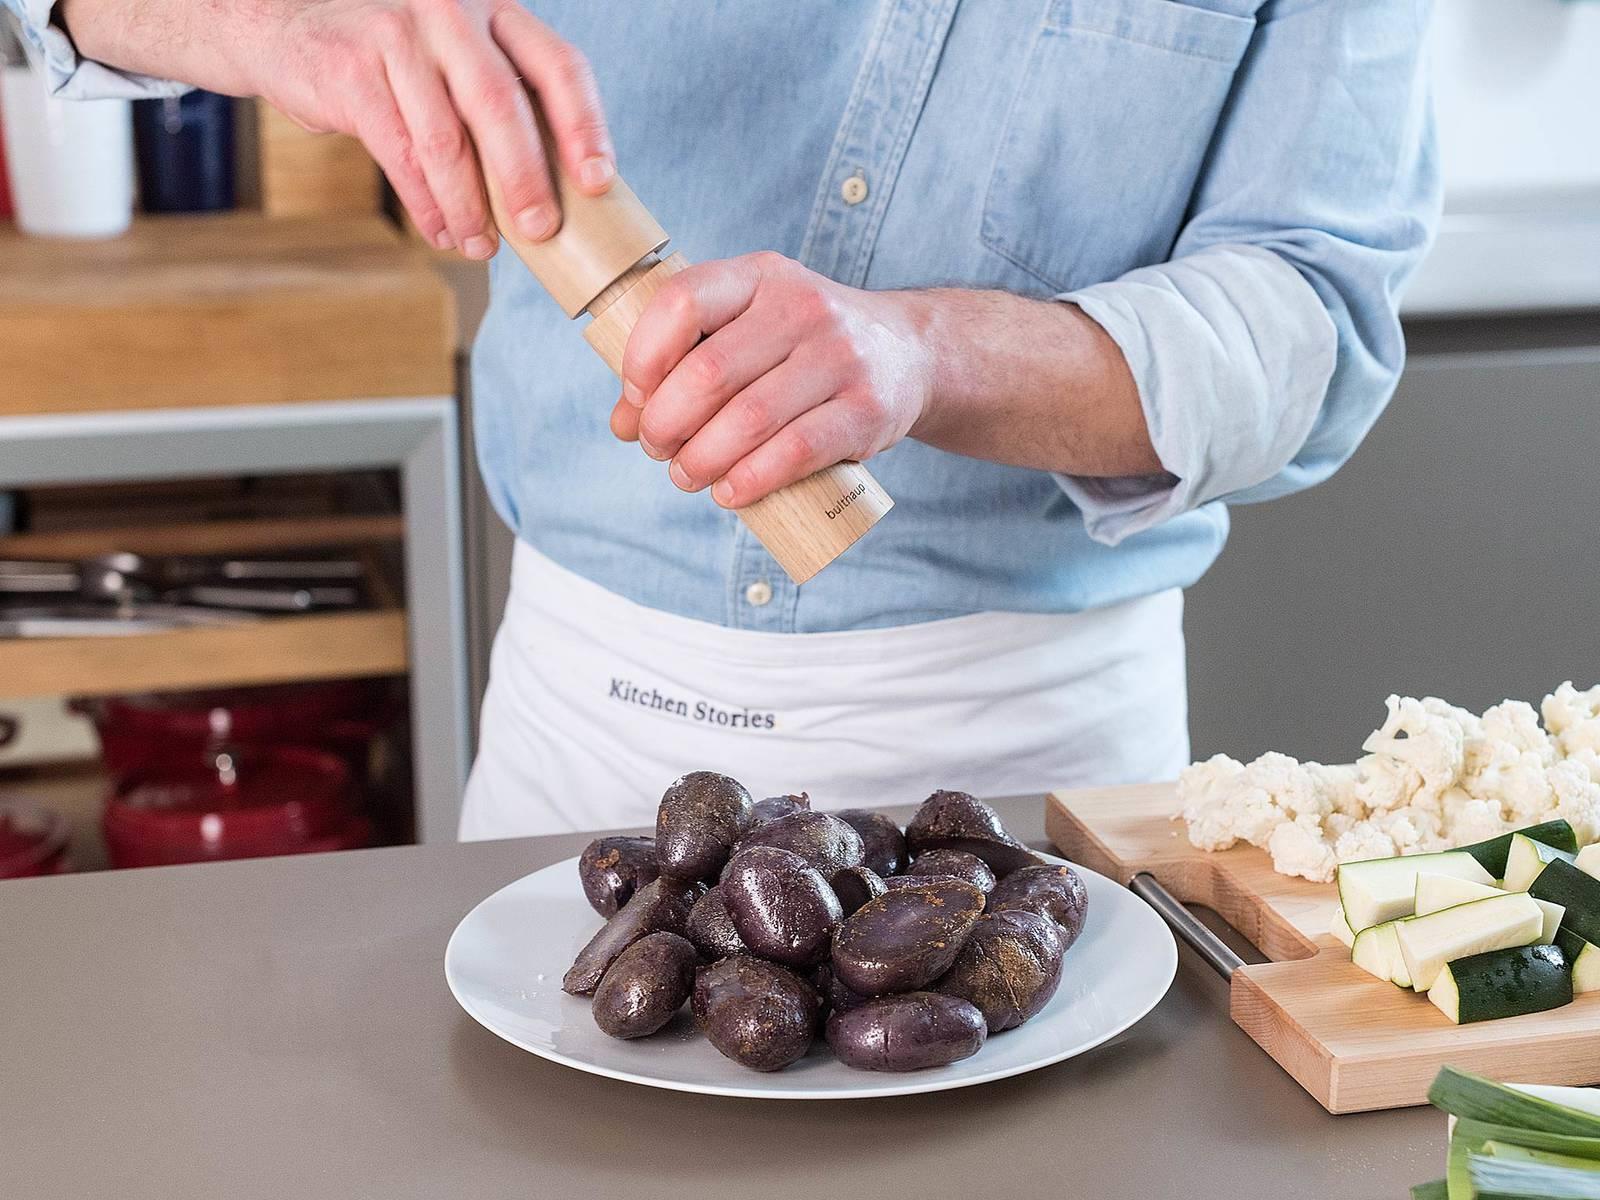 Kartoffeln aus der Pfanne nehmen und mit Salz, Pfeffer und geräuchertem Paprikapulver abschmecken.